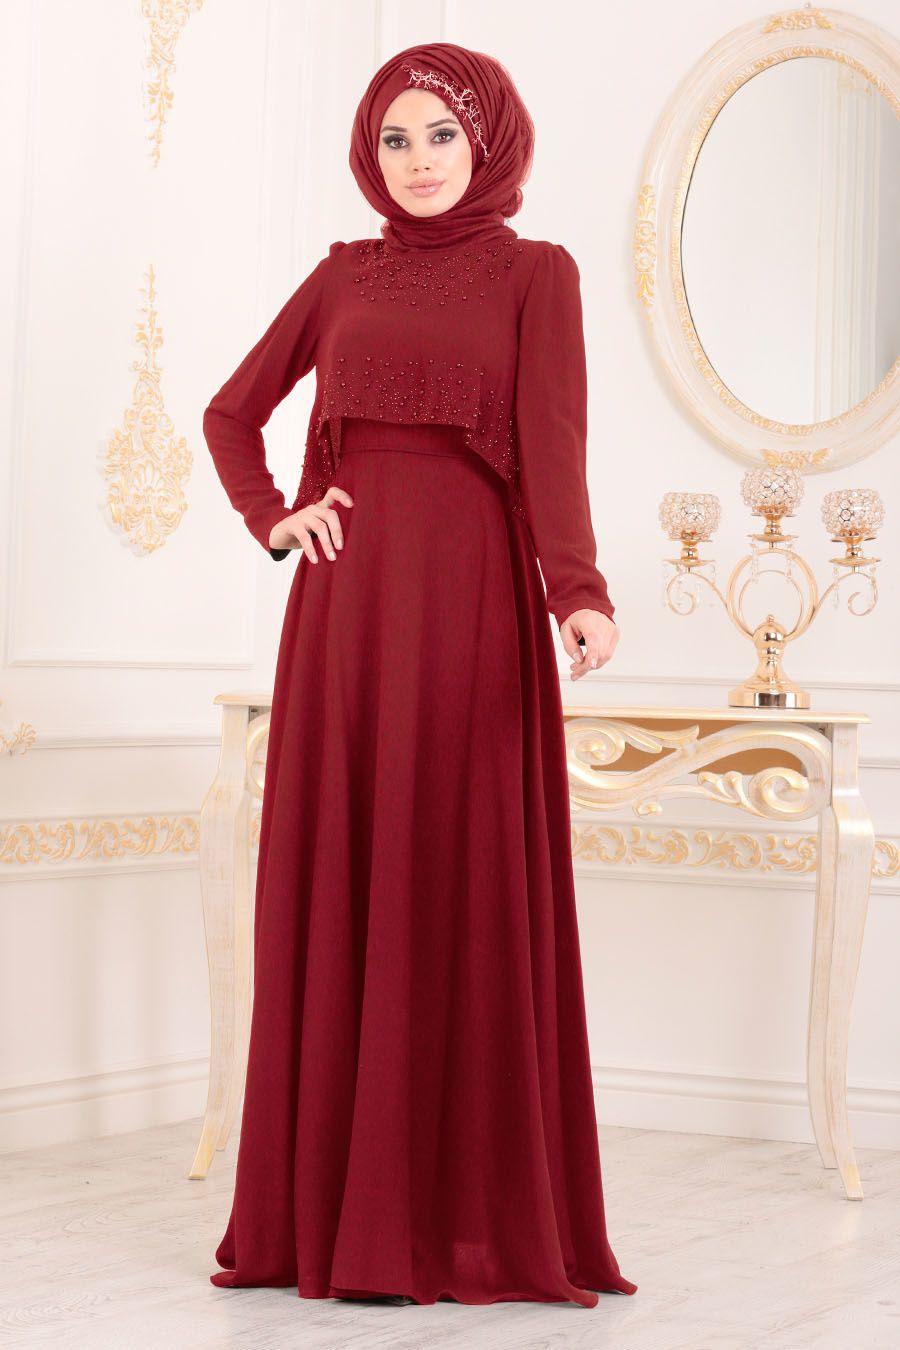 69e57c3fff4ae Tesettürlü Abiye Elbise - Boncuk Detaylı Kırmızı Tesettür Abiye Elbise  36840K